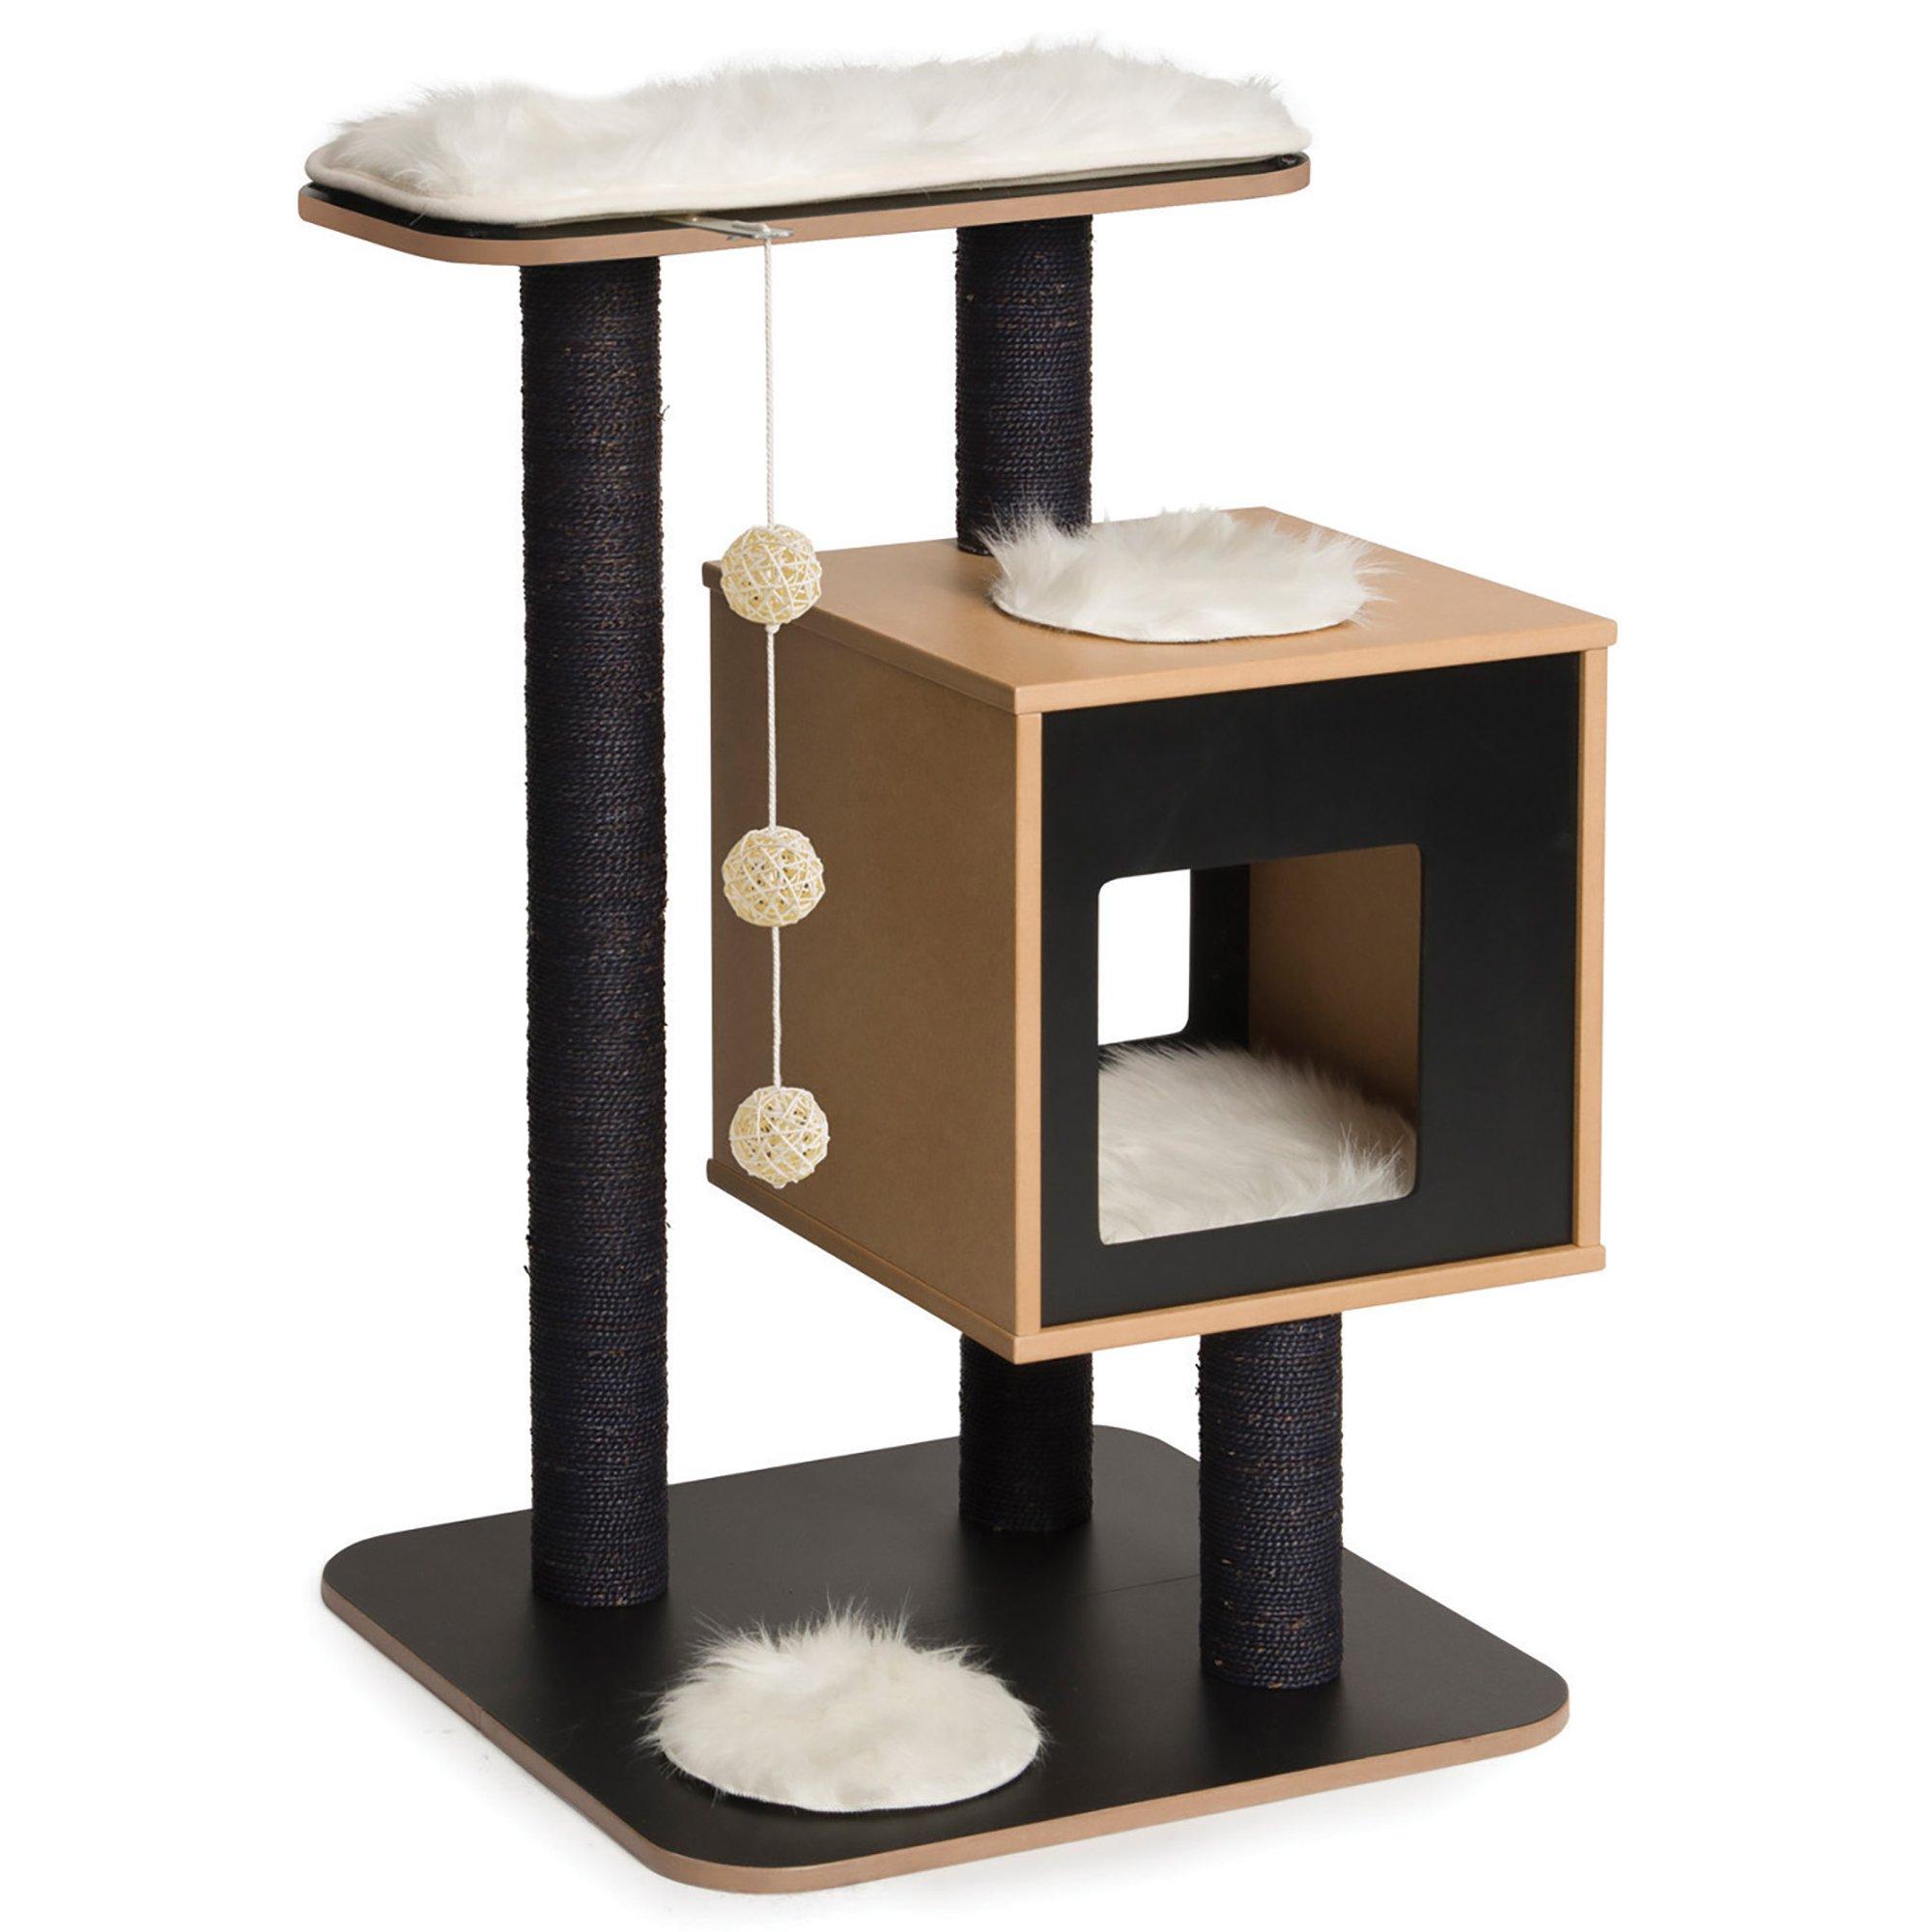 Vesper V-Base Cat Furniture